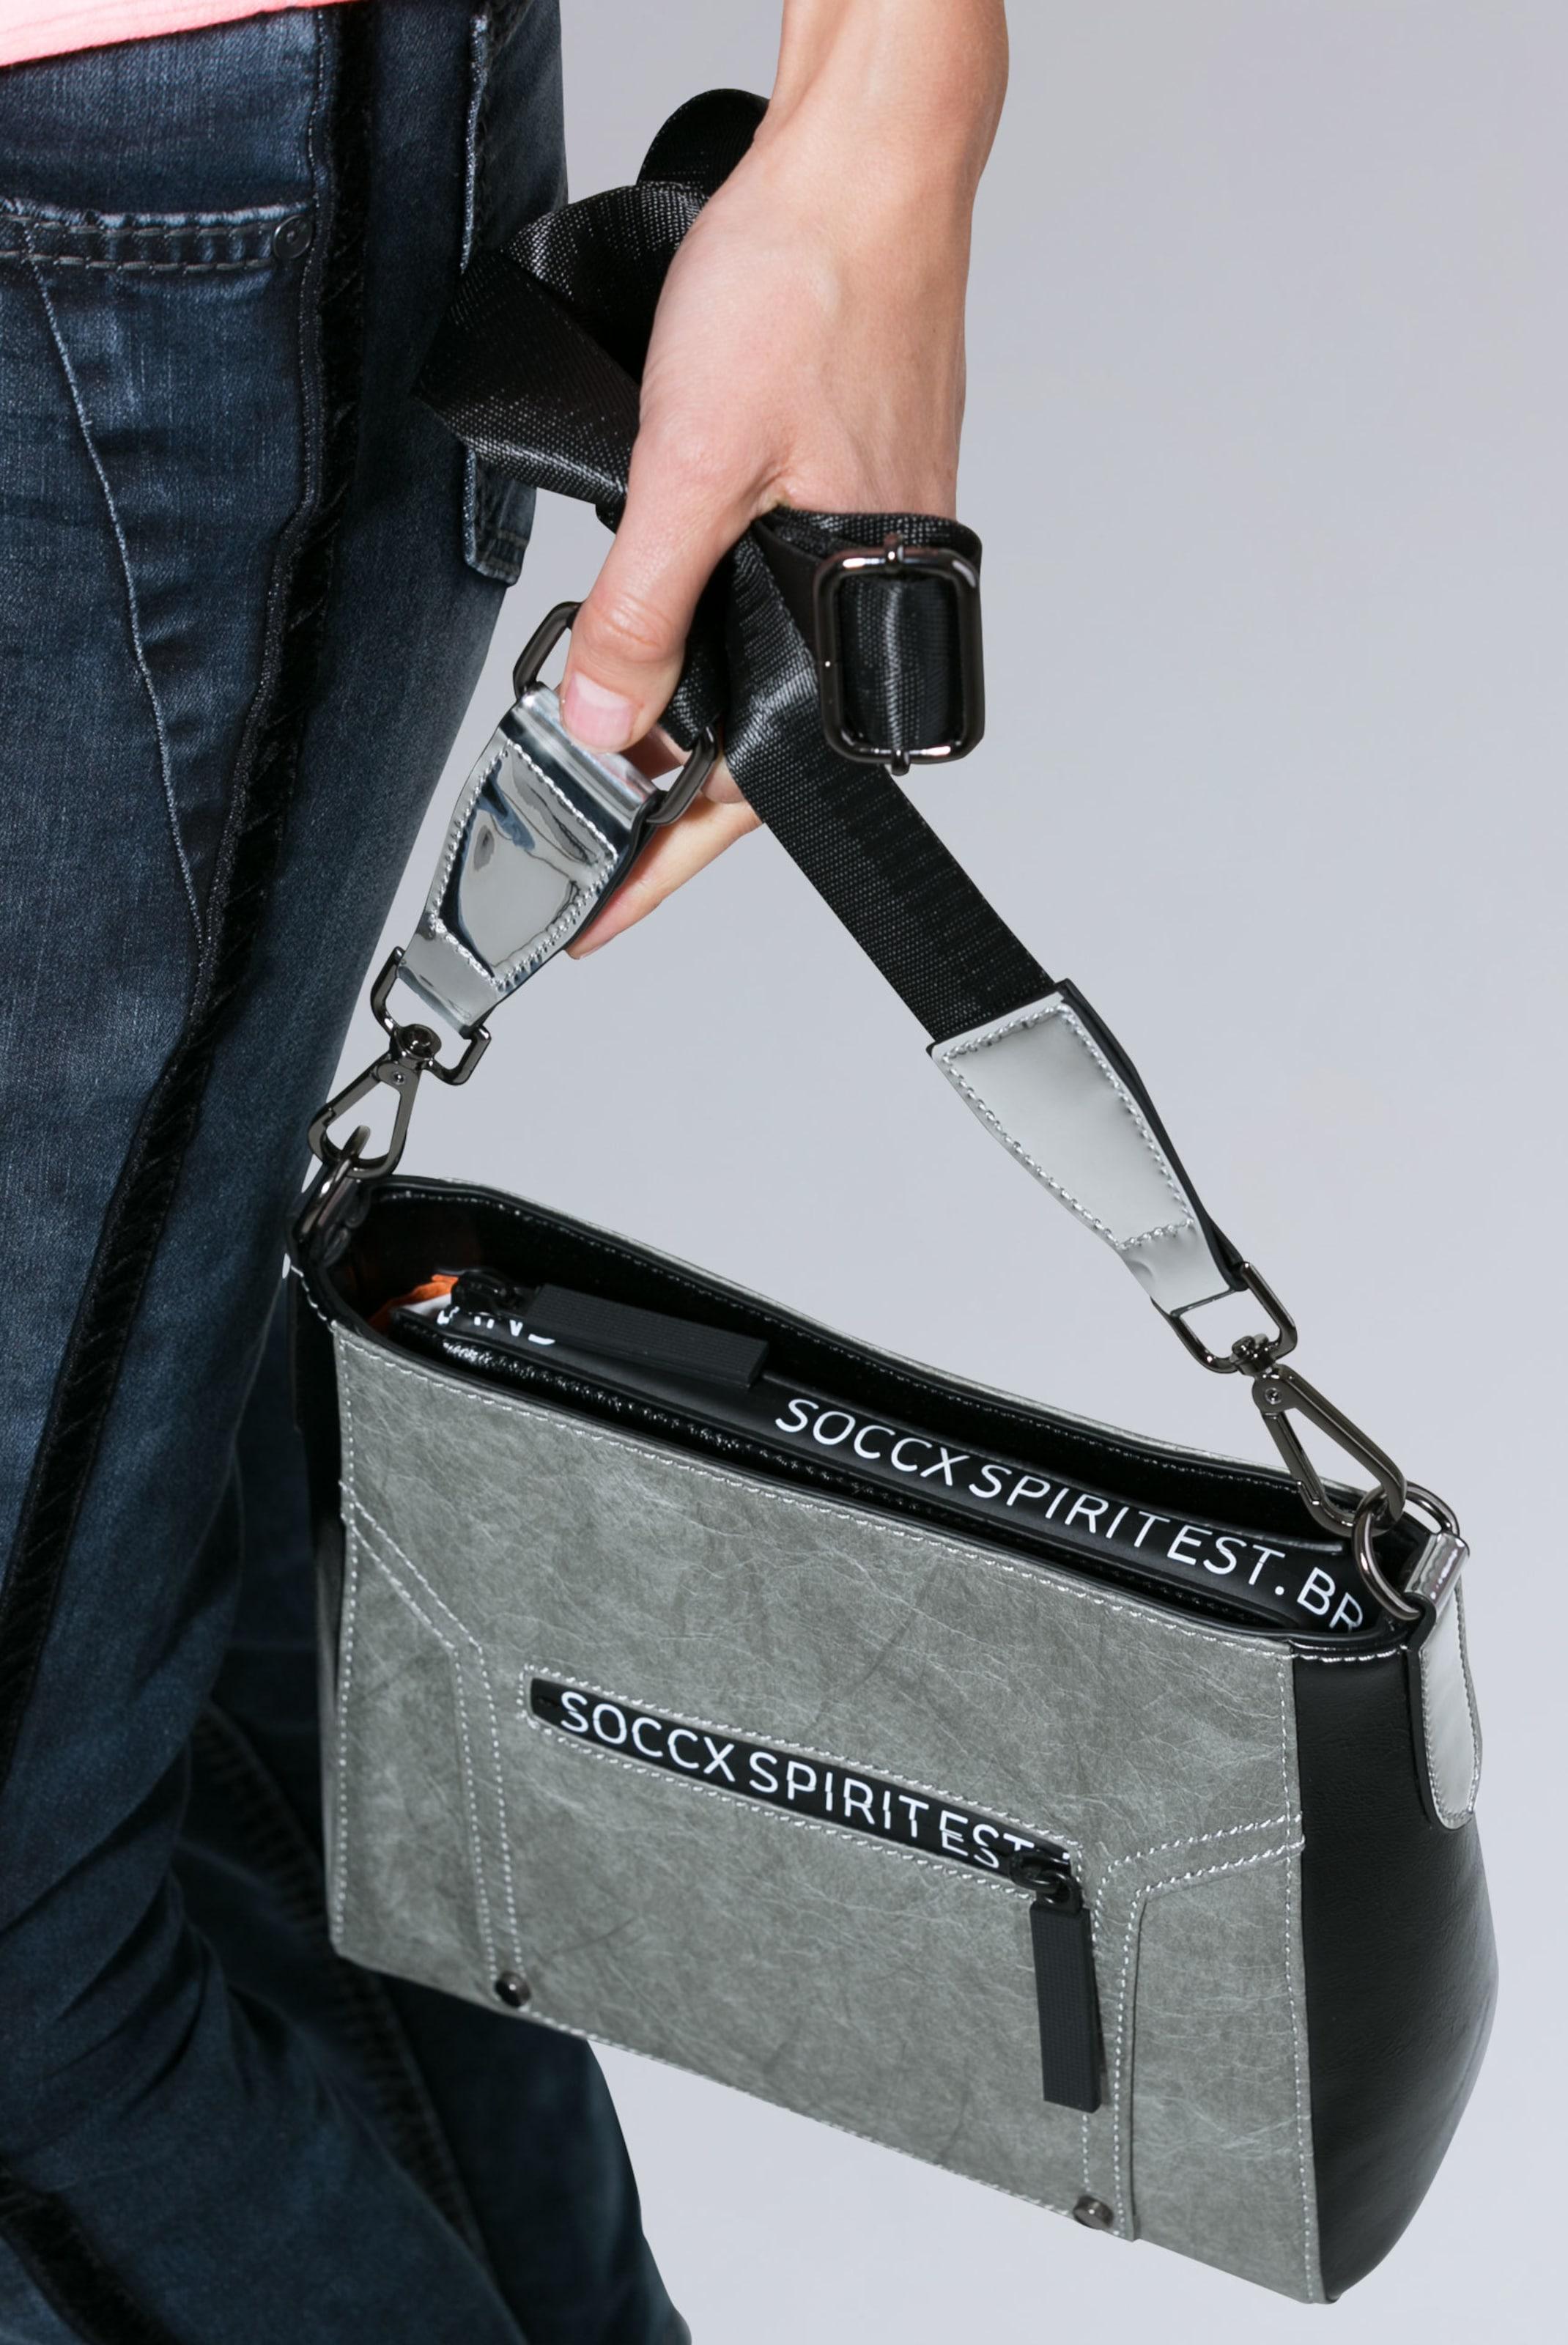 Soccx Soccx Umhängetasche Umhängetasche Grau Soccx In Soccx In Umhängetasche In Grau Umhängetasche Grau N8k0wOnXP